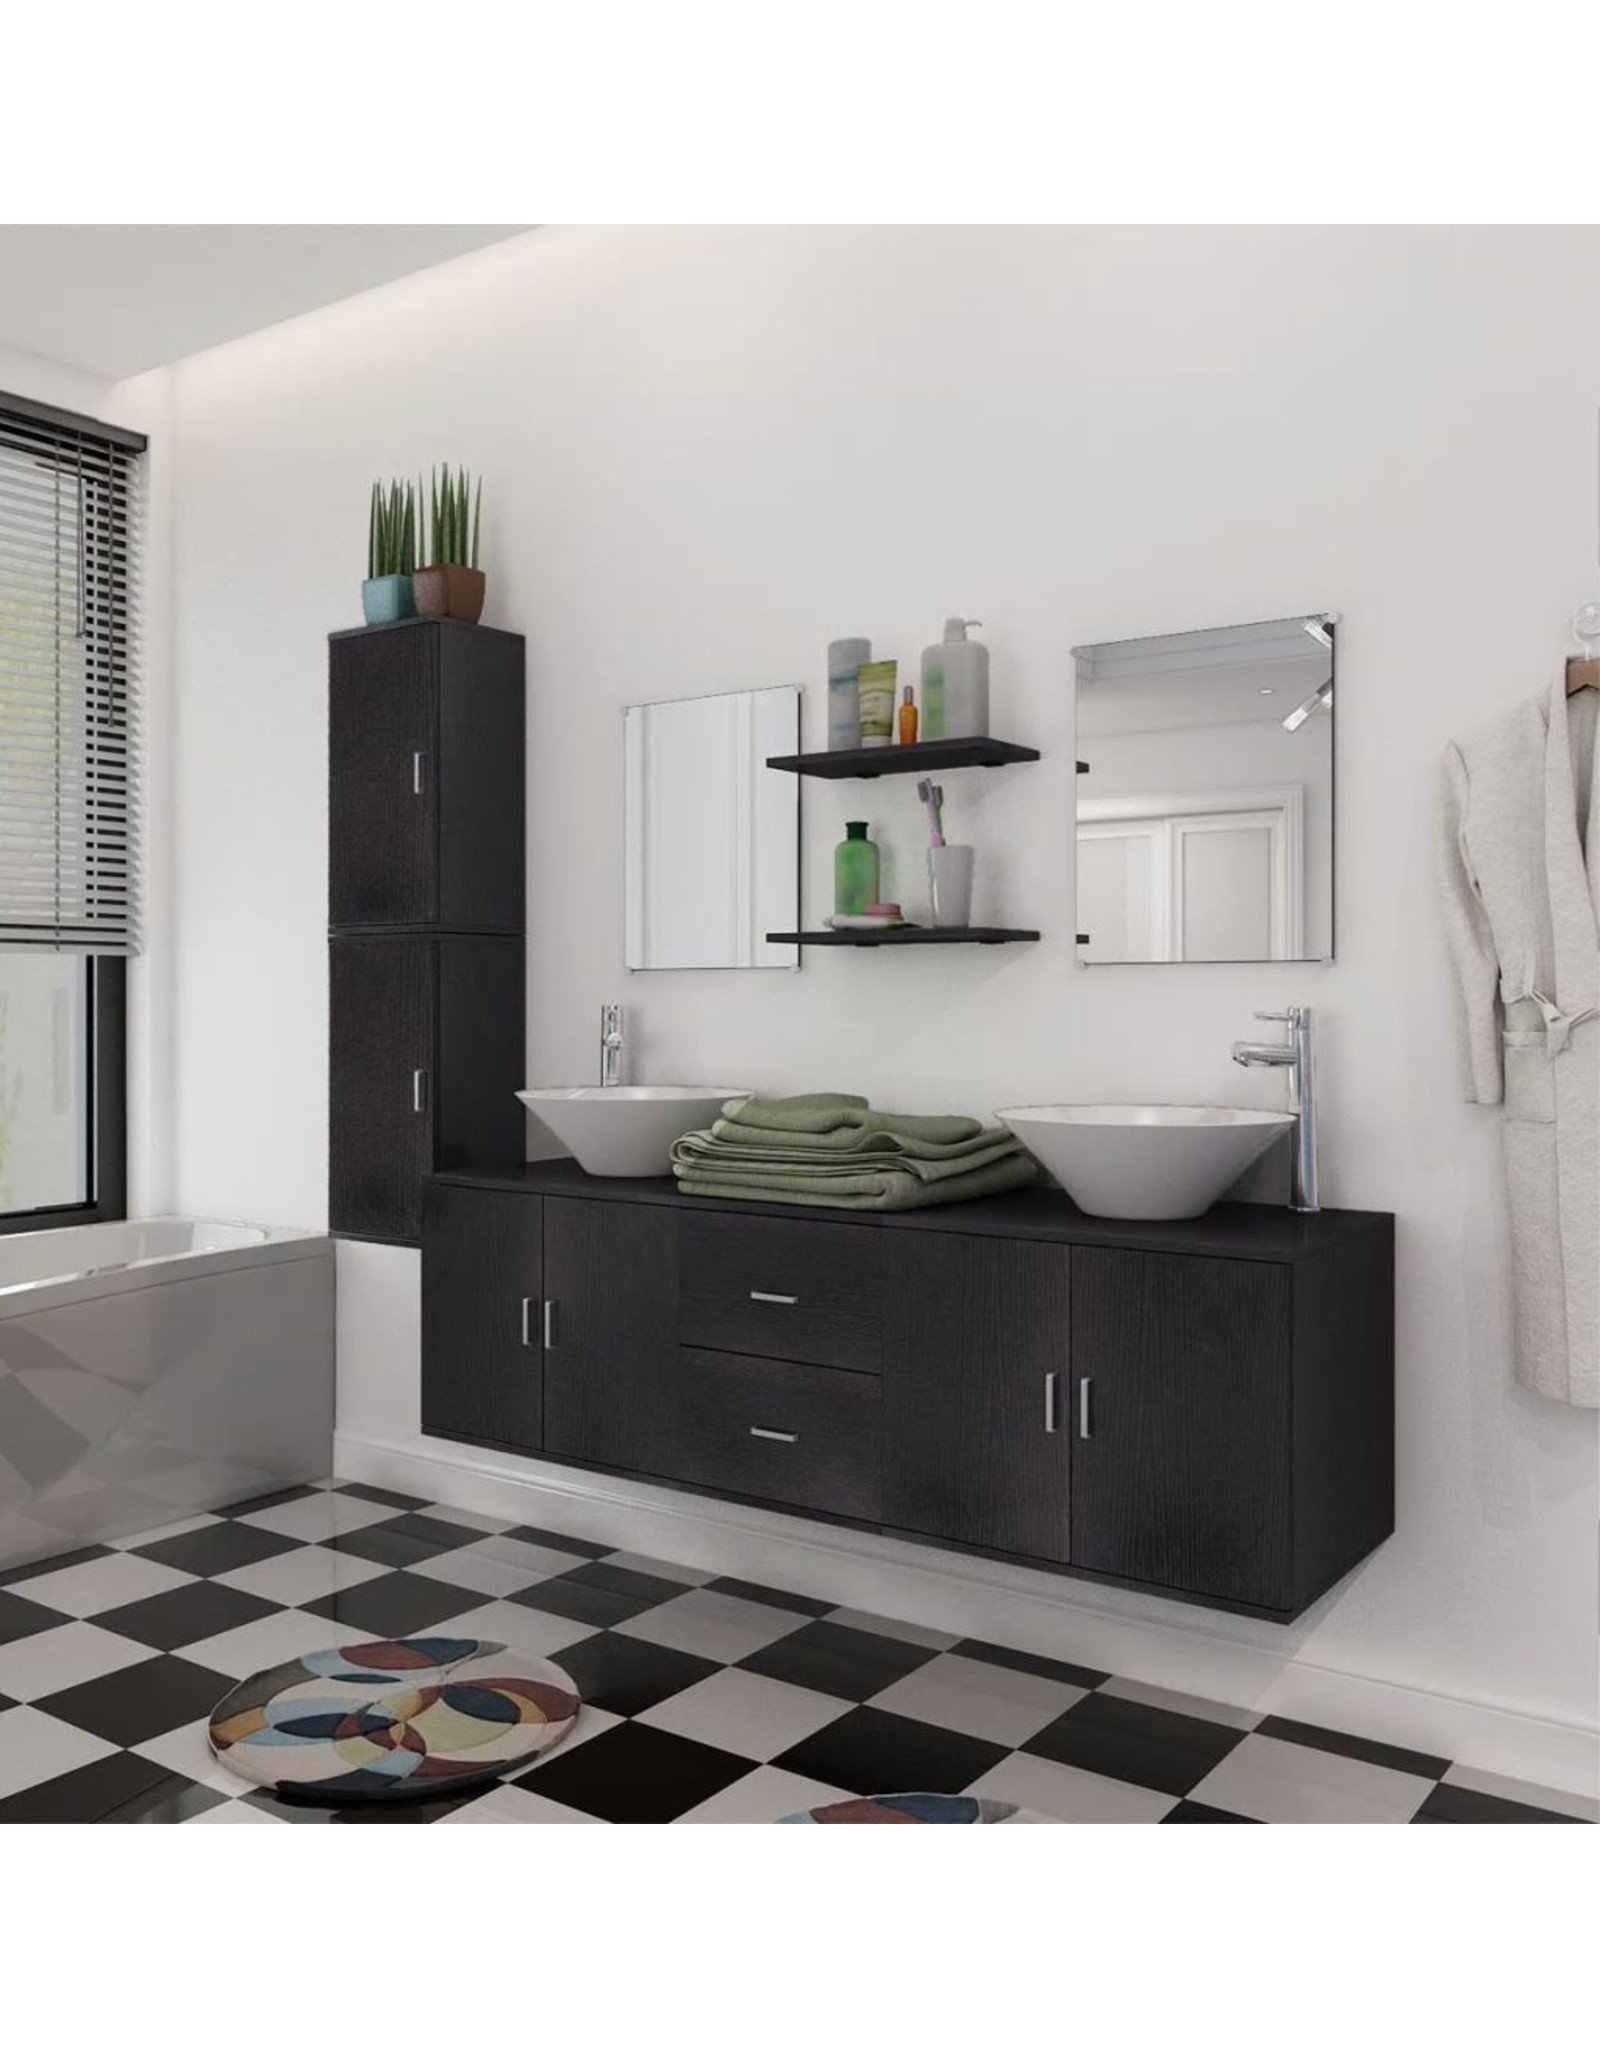 Badkamermeubelset met wasbak zwart 9-delig